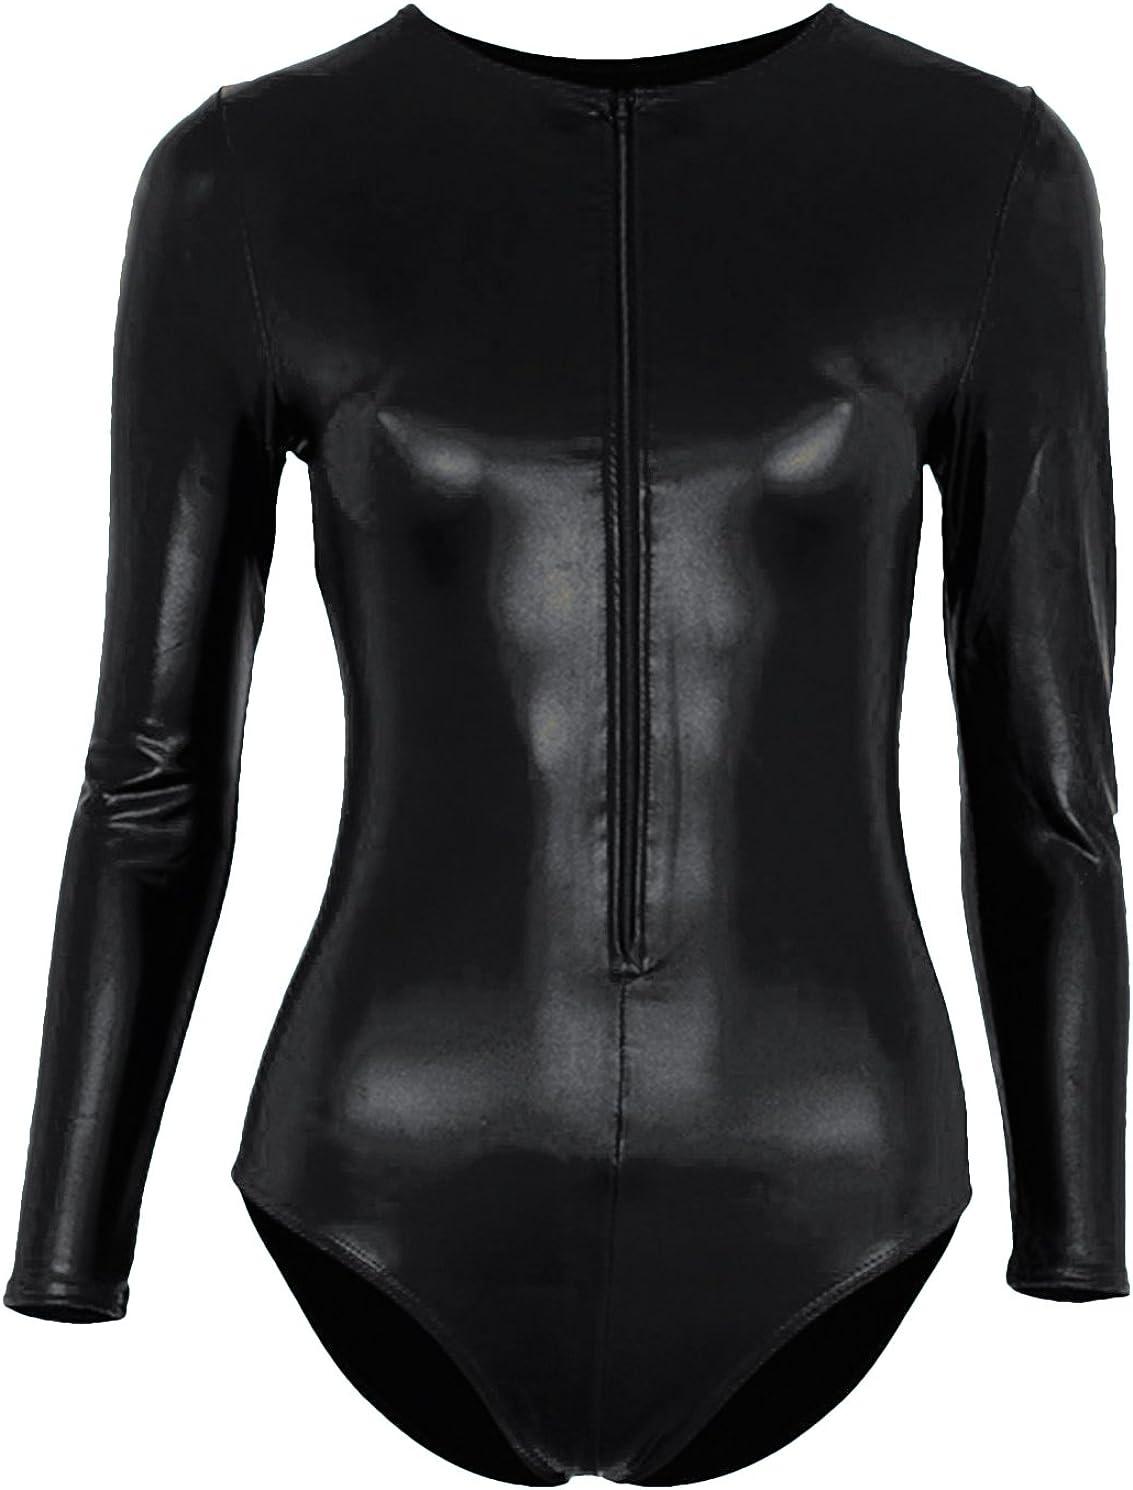 VSVO Women's Metallic Zipper Front Bodysuit Dance Leotards